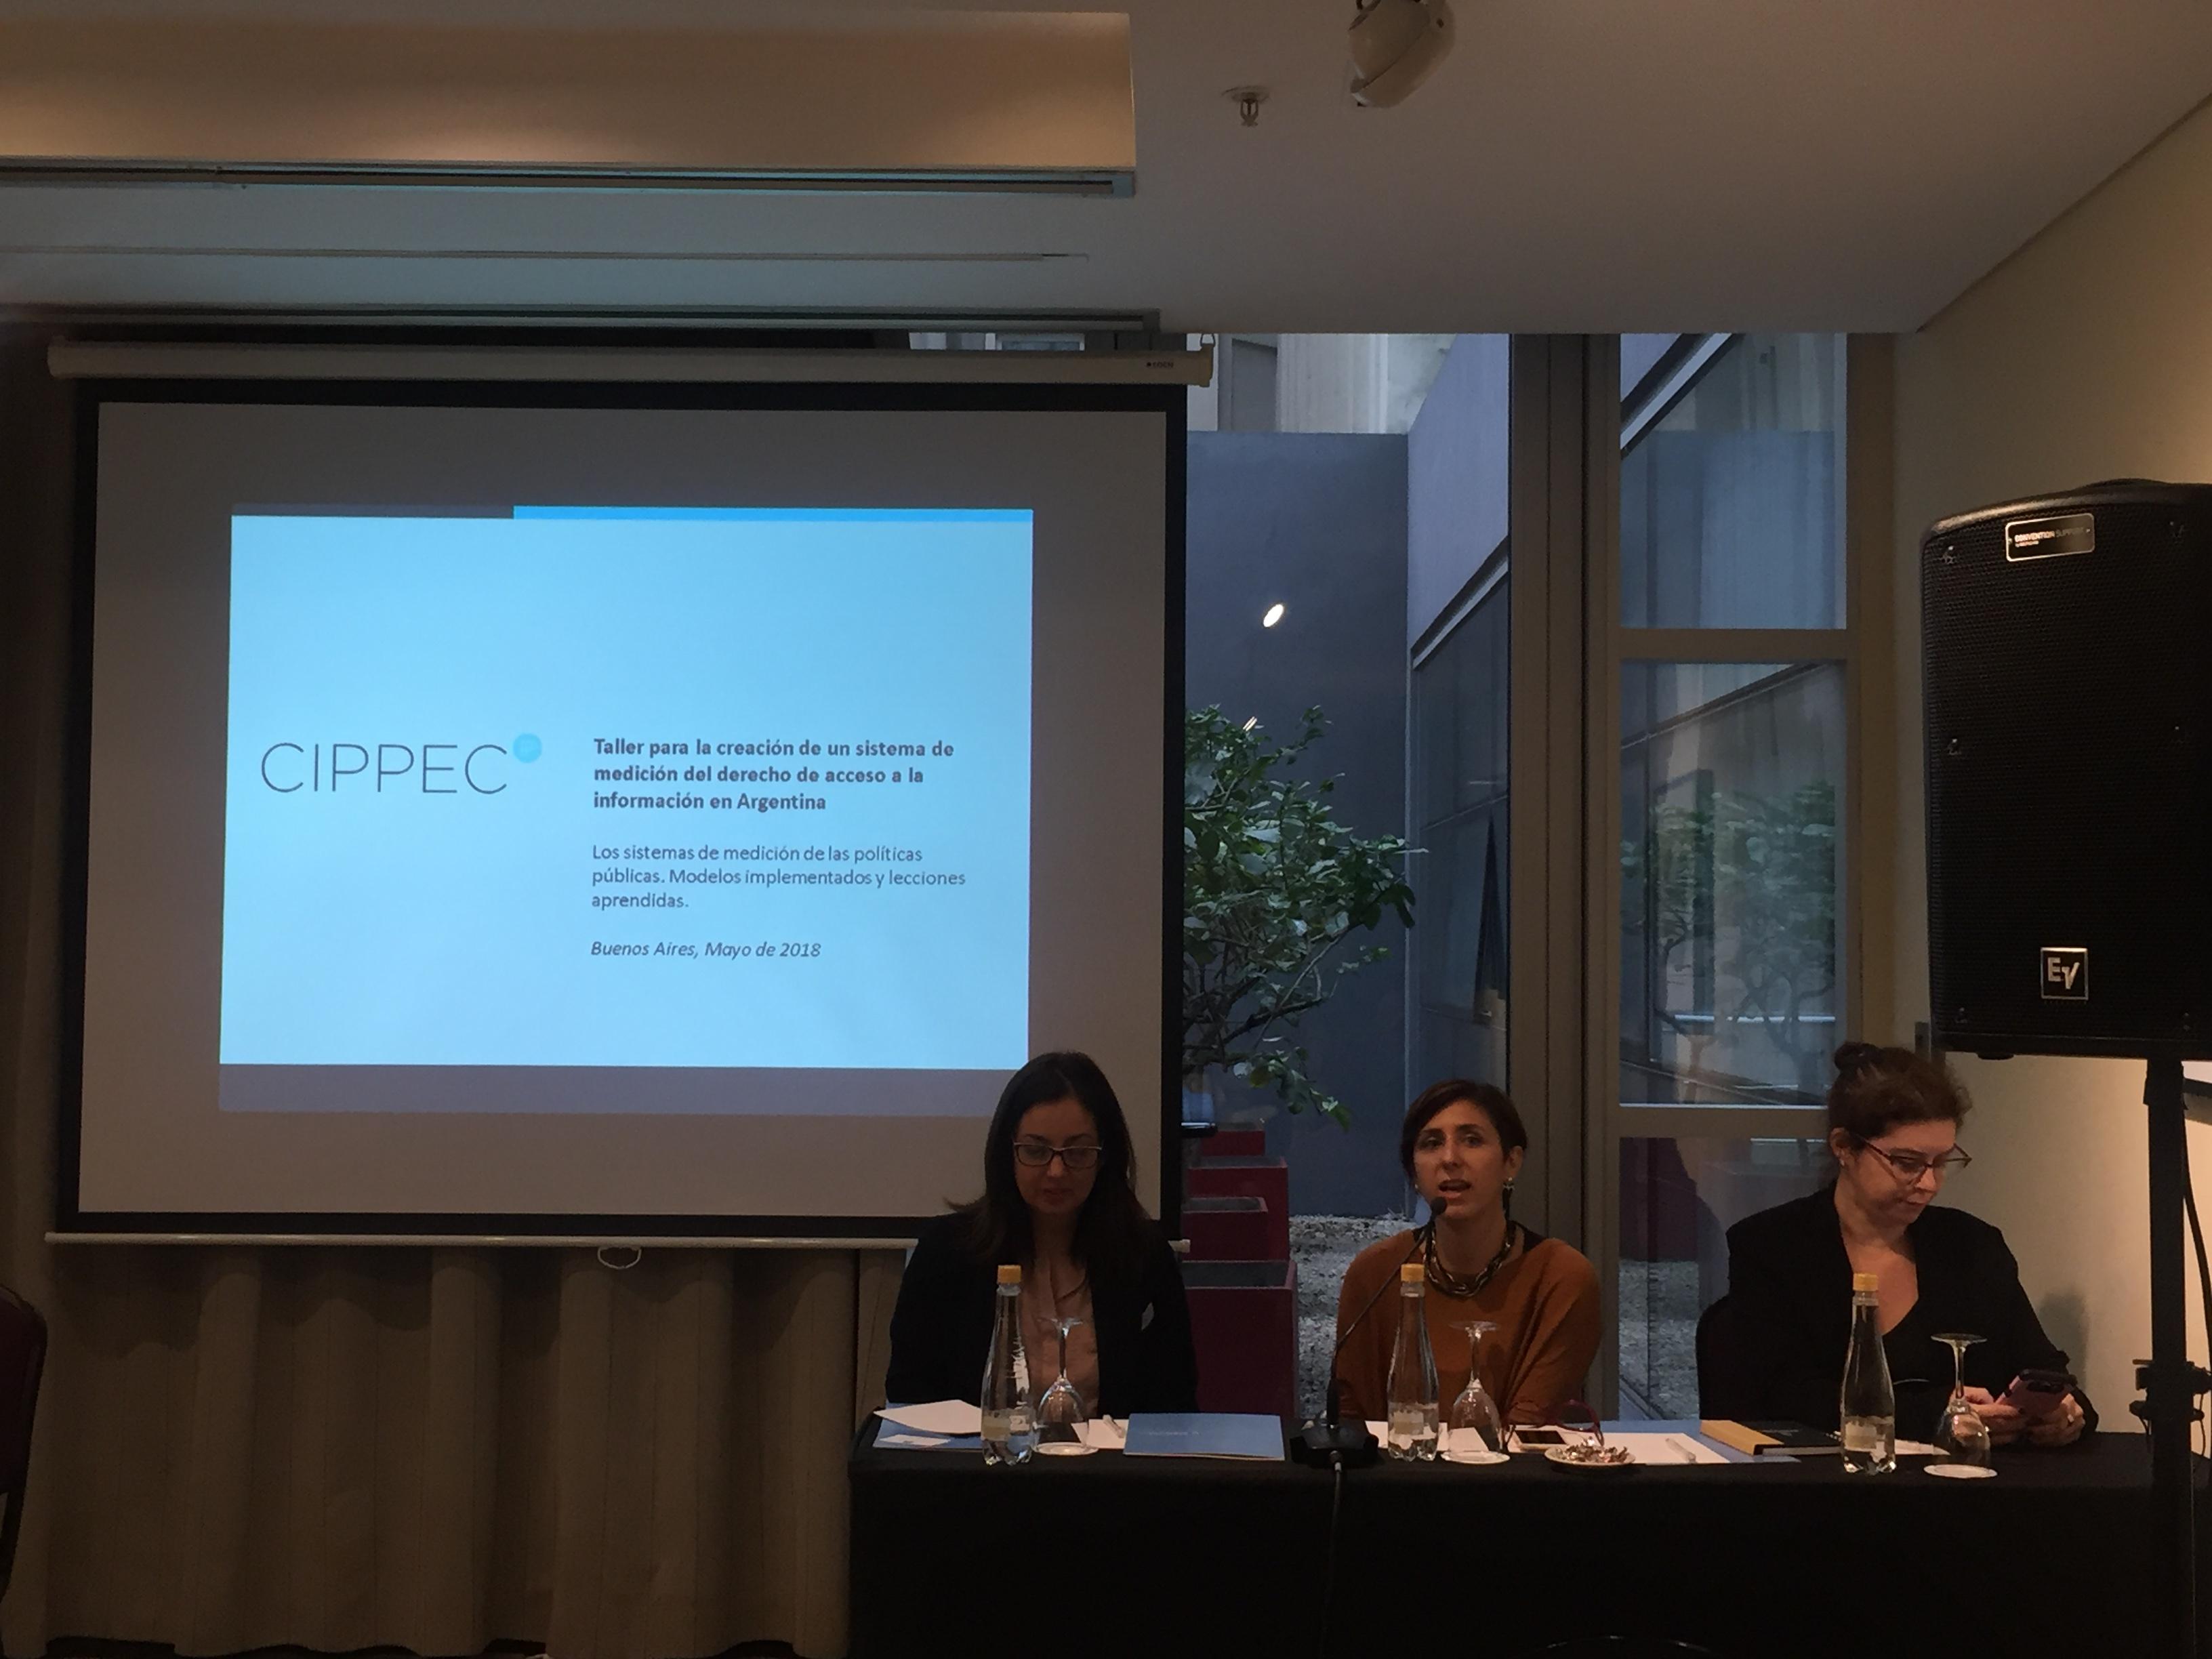 """Natalia Aquilino (CIPPEC) participando del """"Taller para la creación de un sistema de medición del derecho de acceso a la información en Argentina"""""""